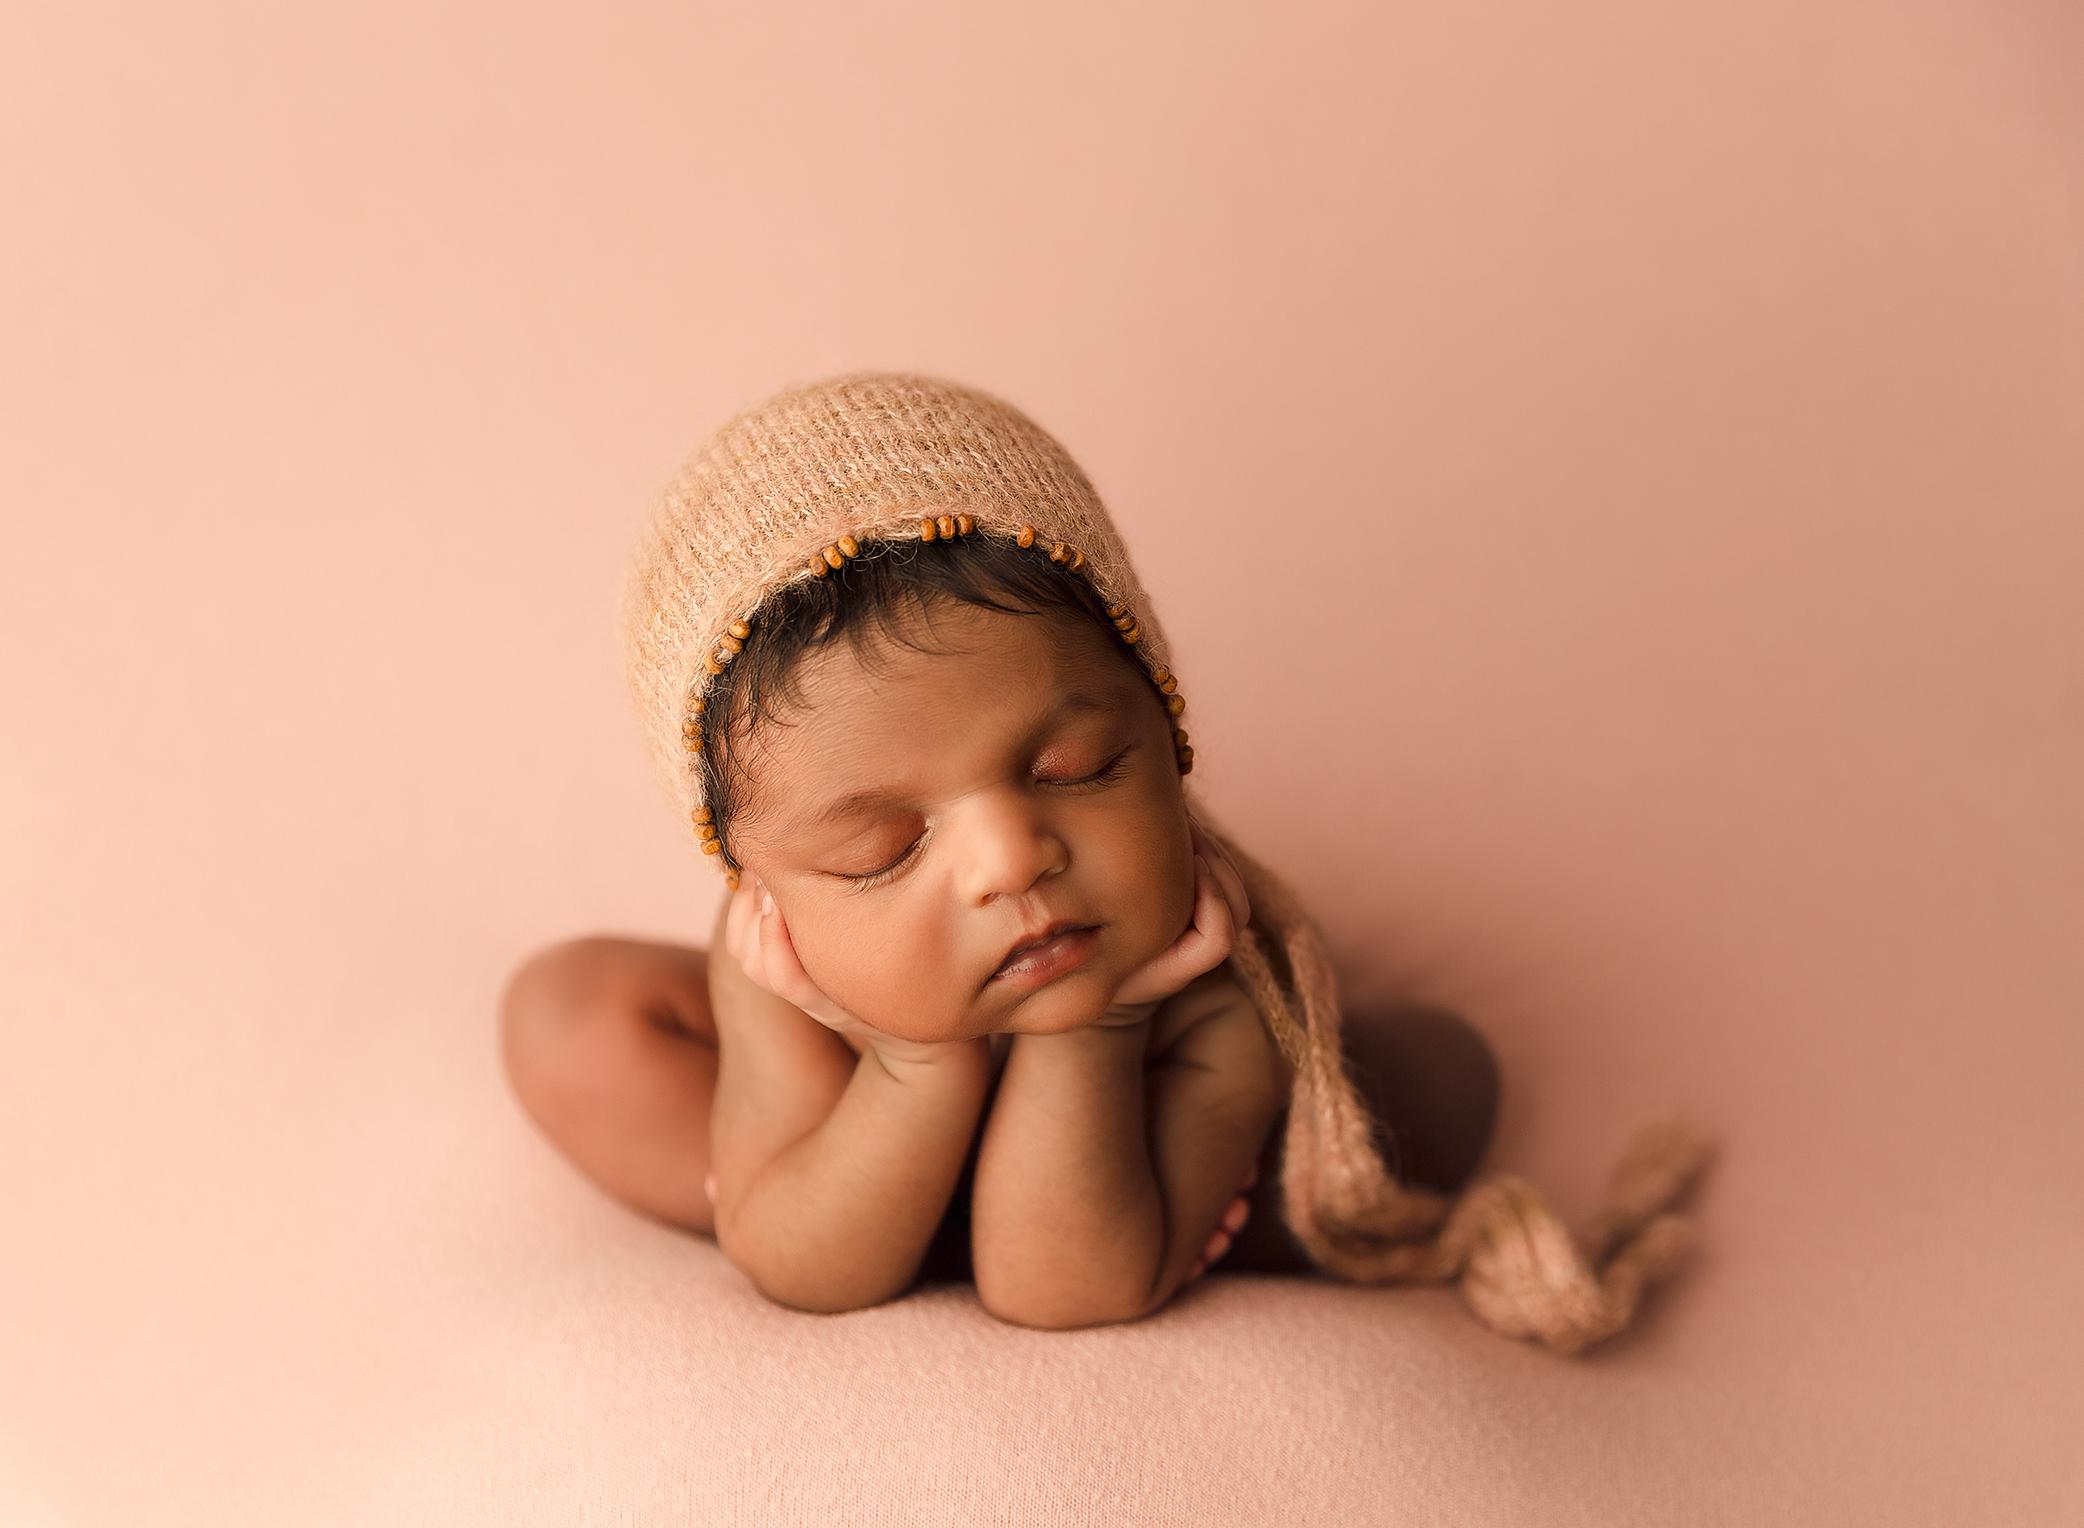 newborn baby girl photography photo